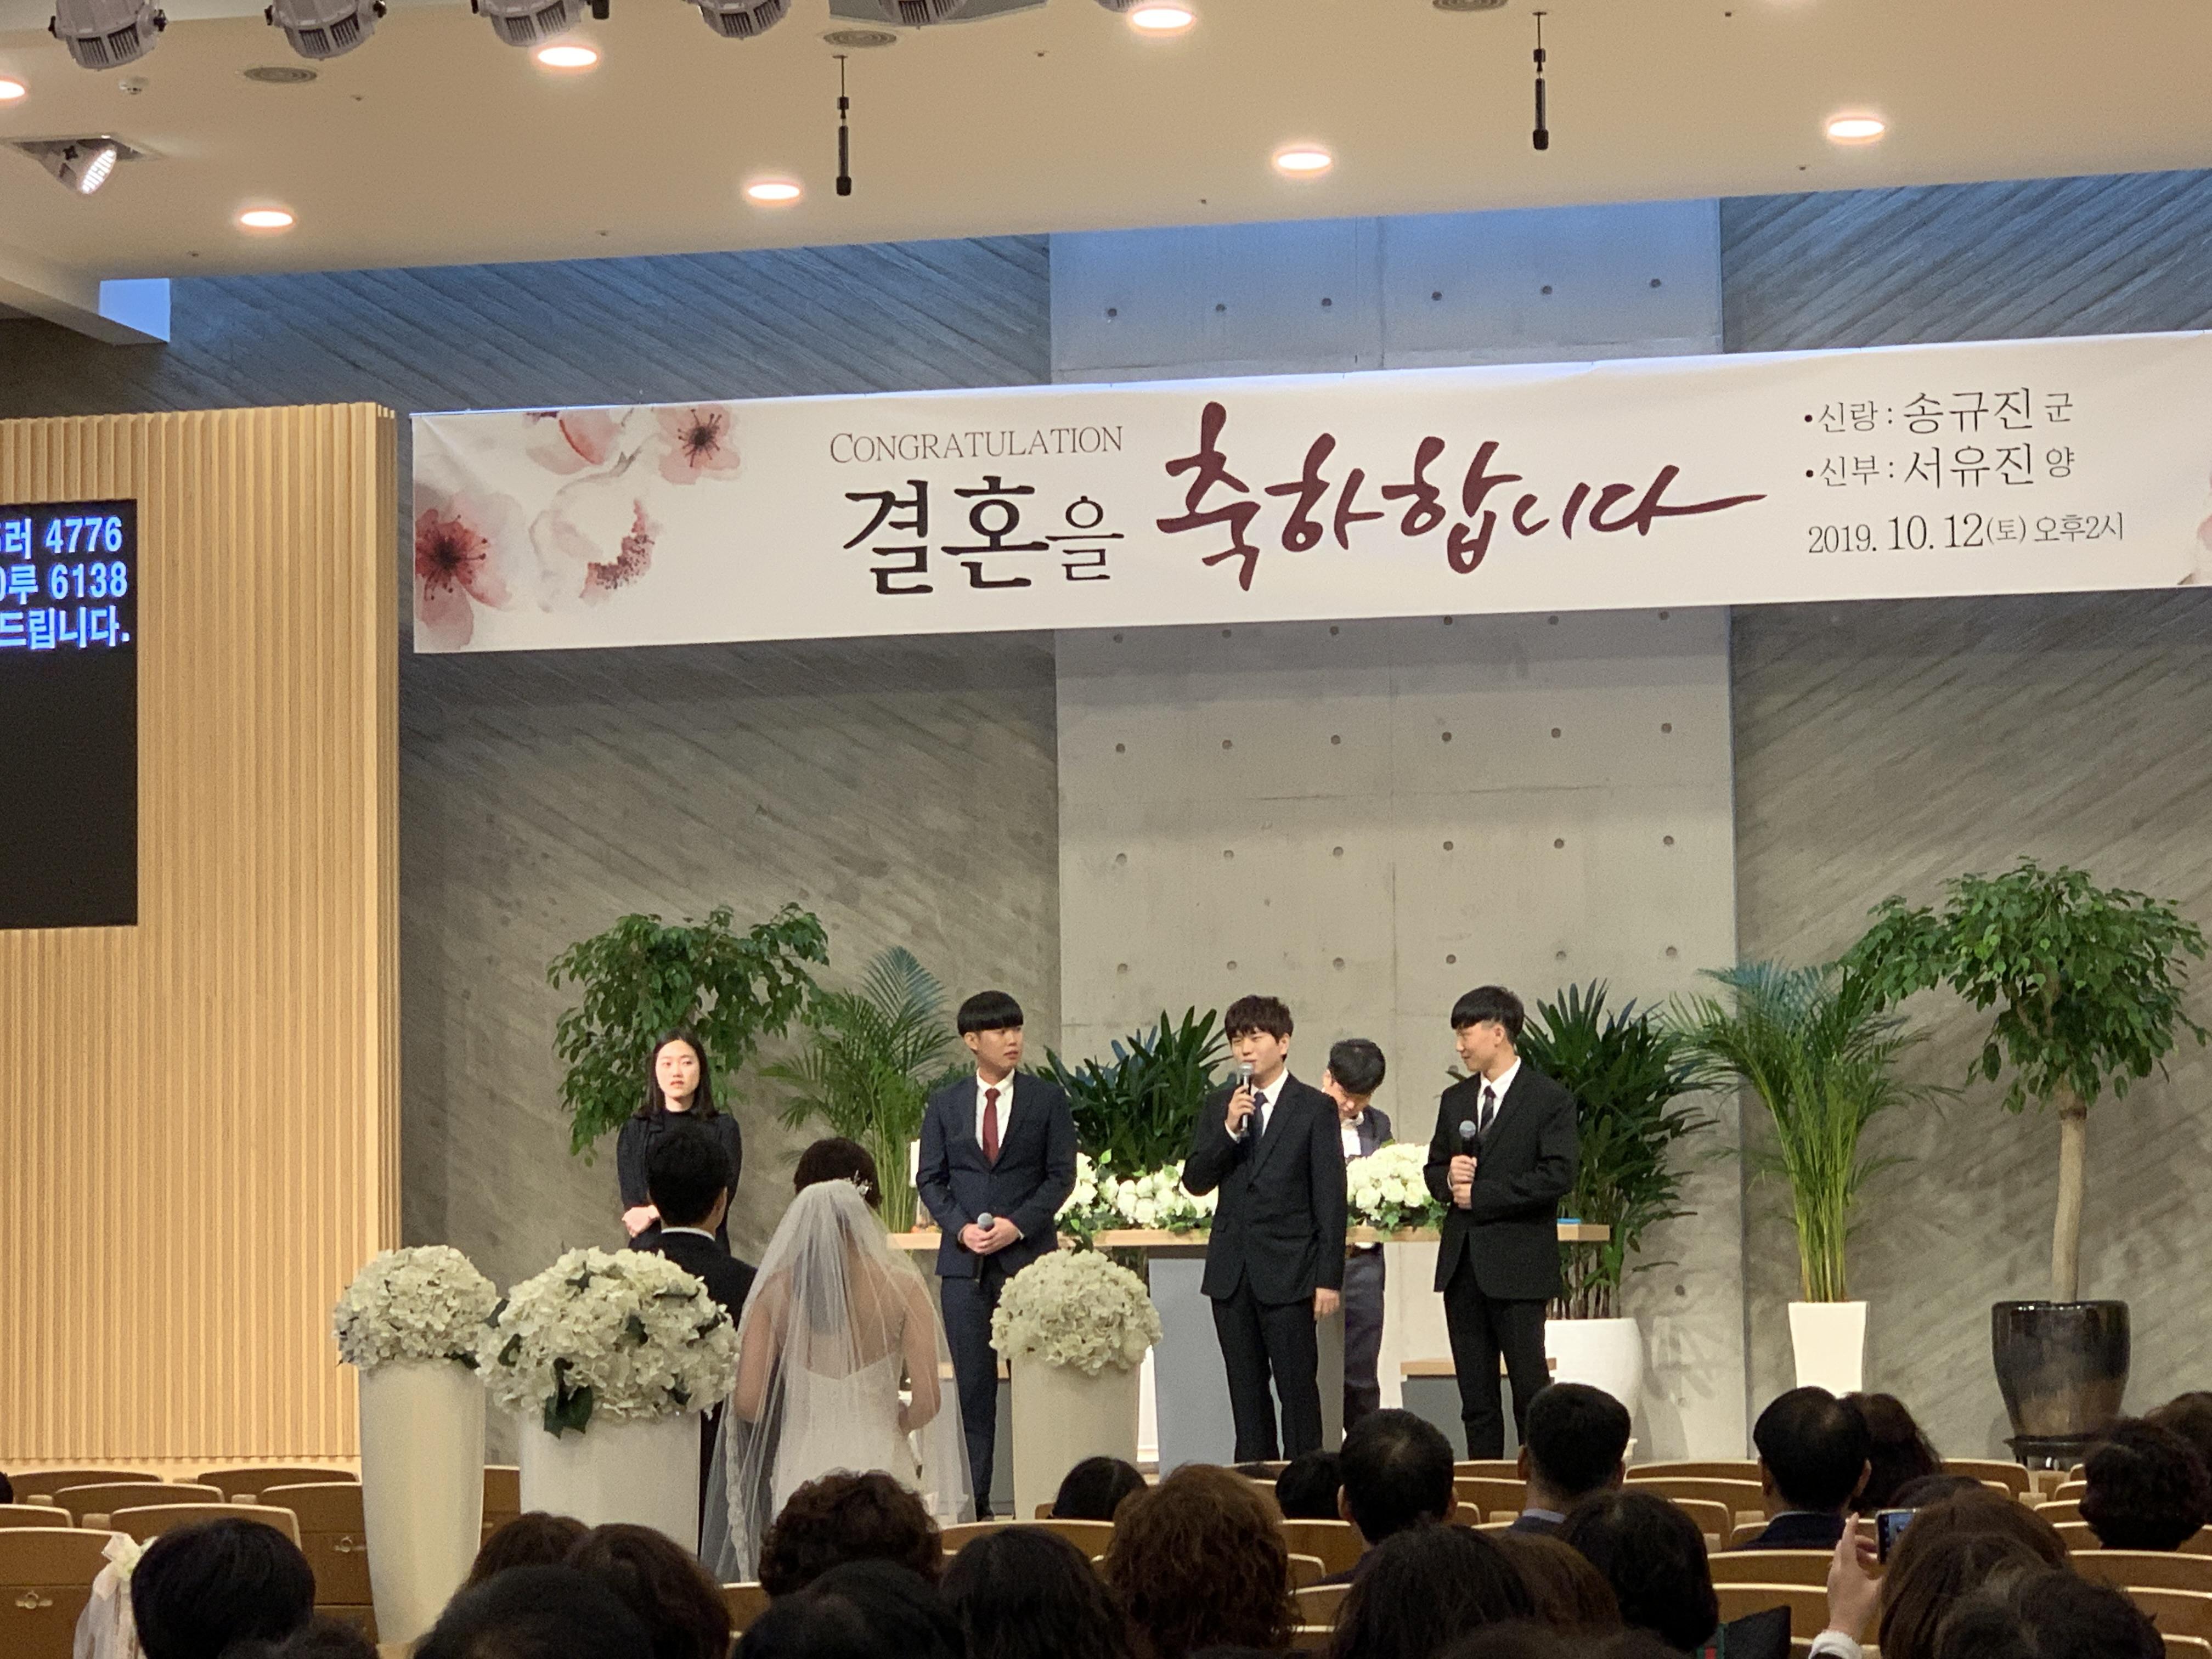 송규진학생 결혼식 축가